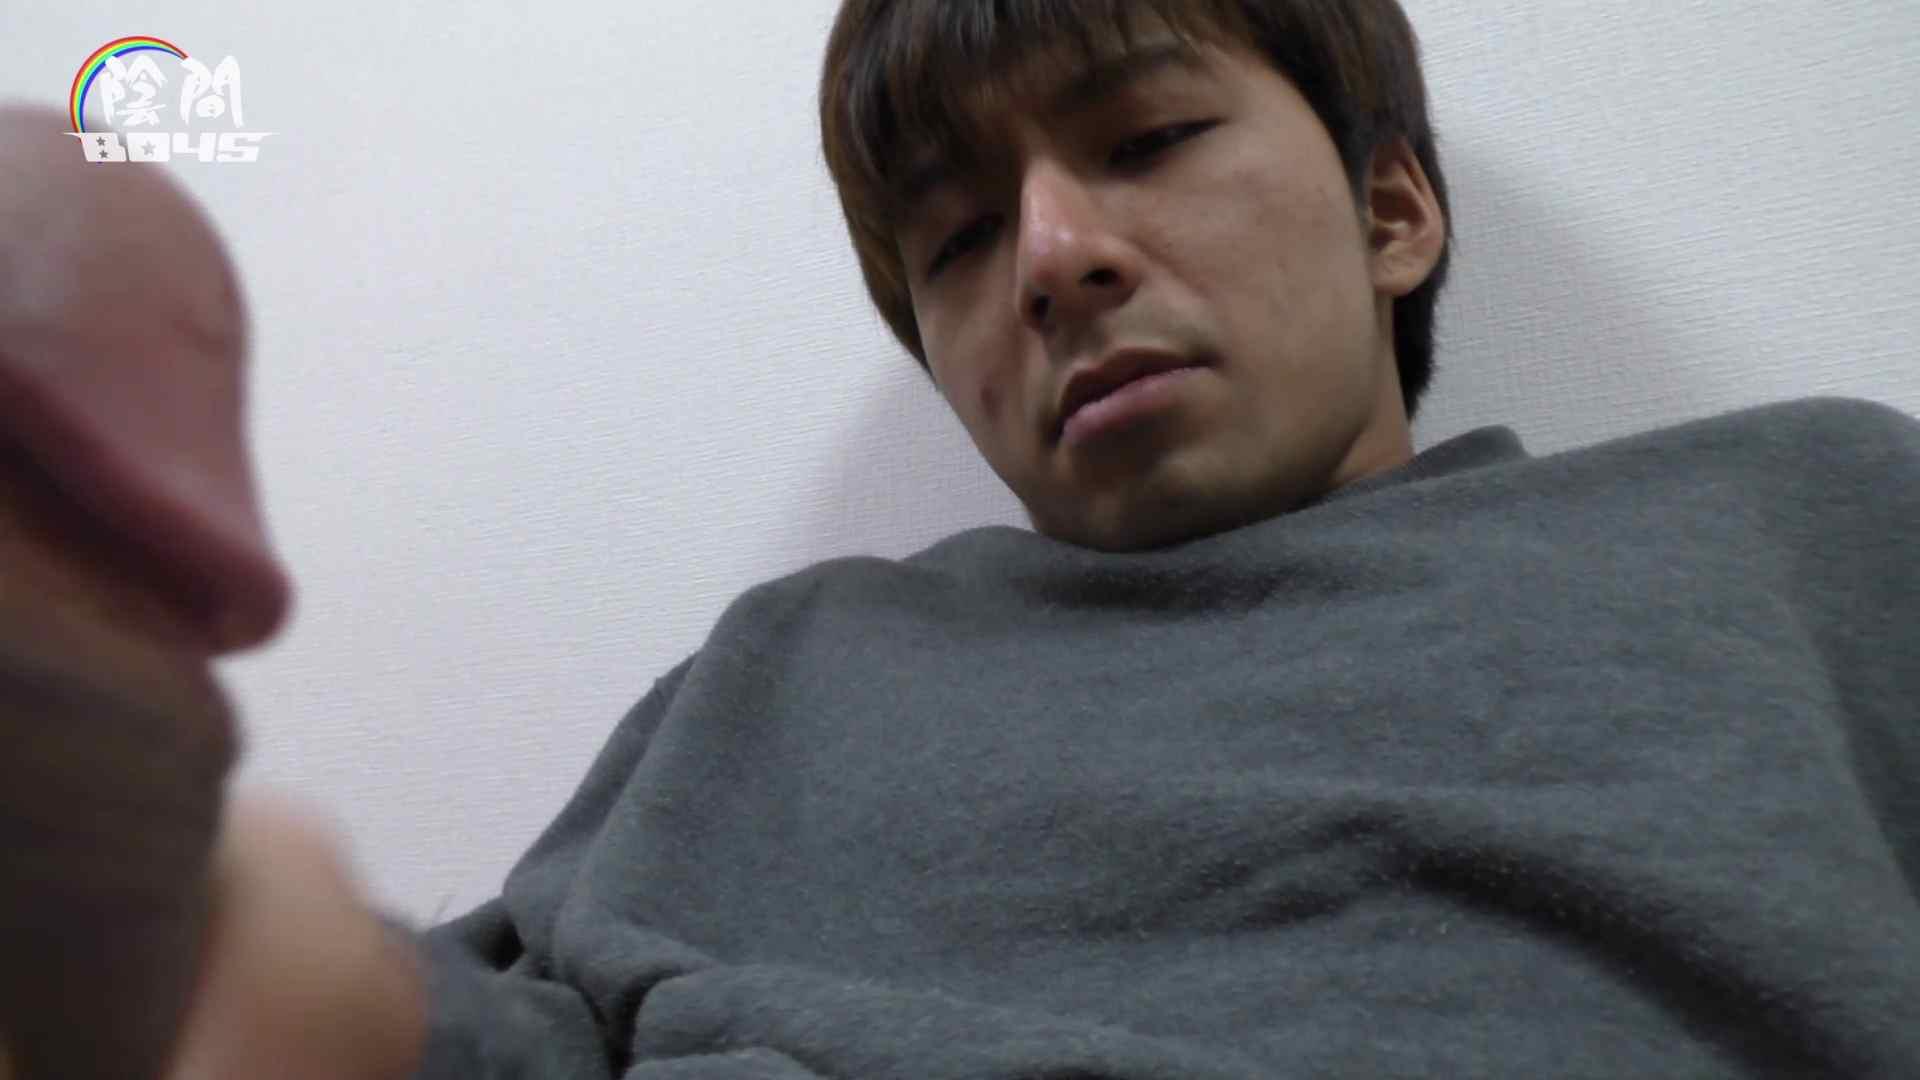 アナルは決して眠らない No.01 アナル ゲイザーメン画像 90枚 86